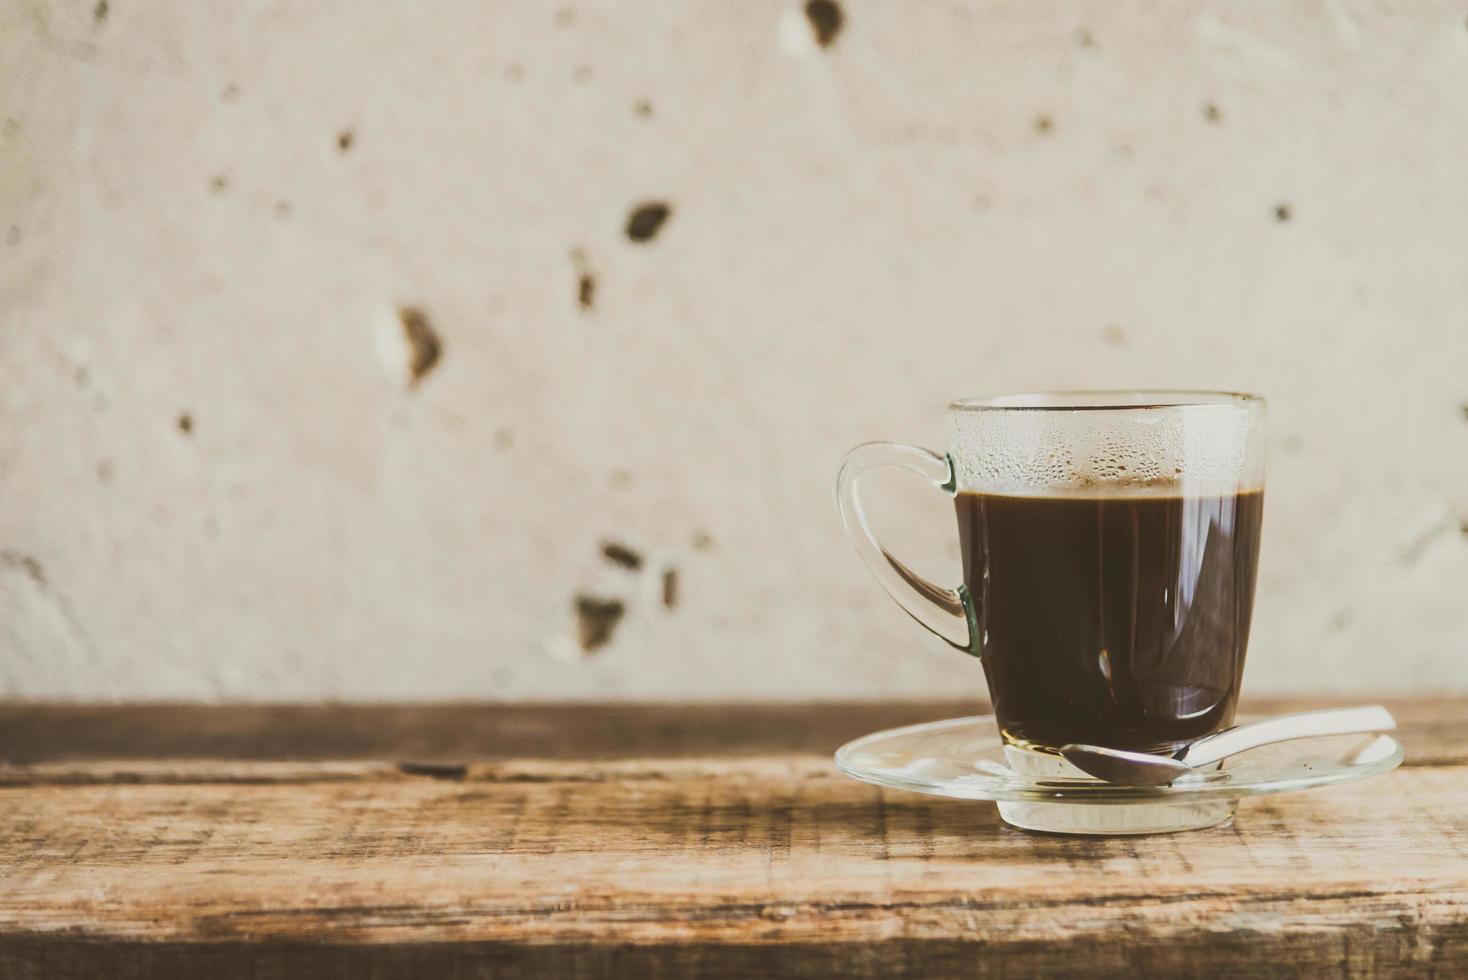 zwarte koffie in koffiekopje foto